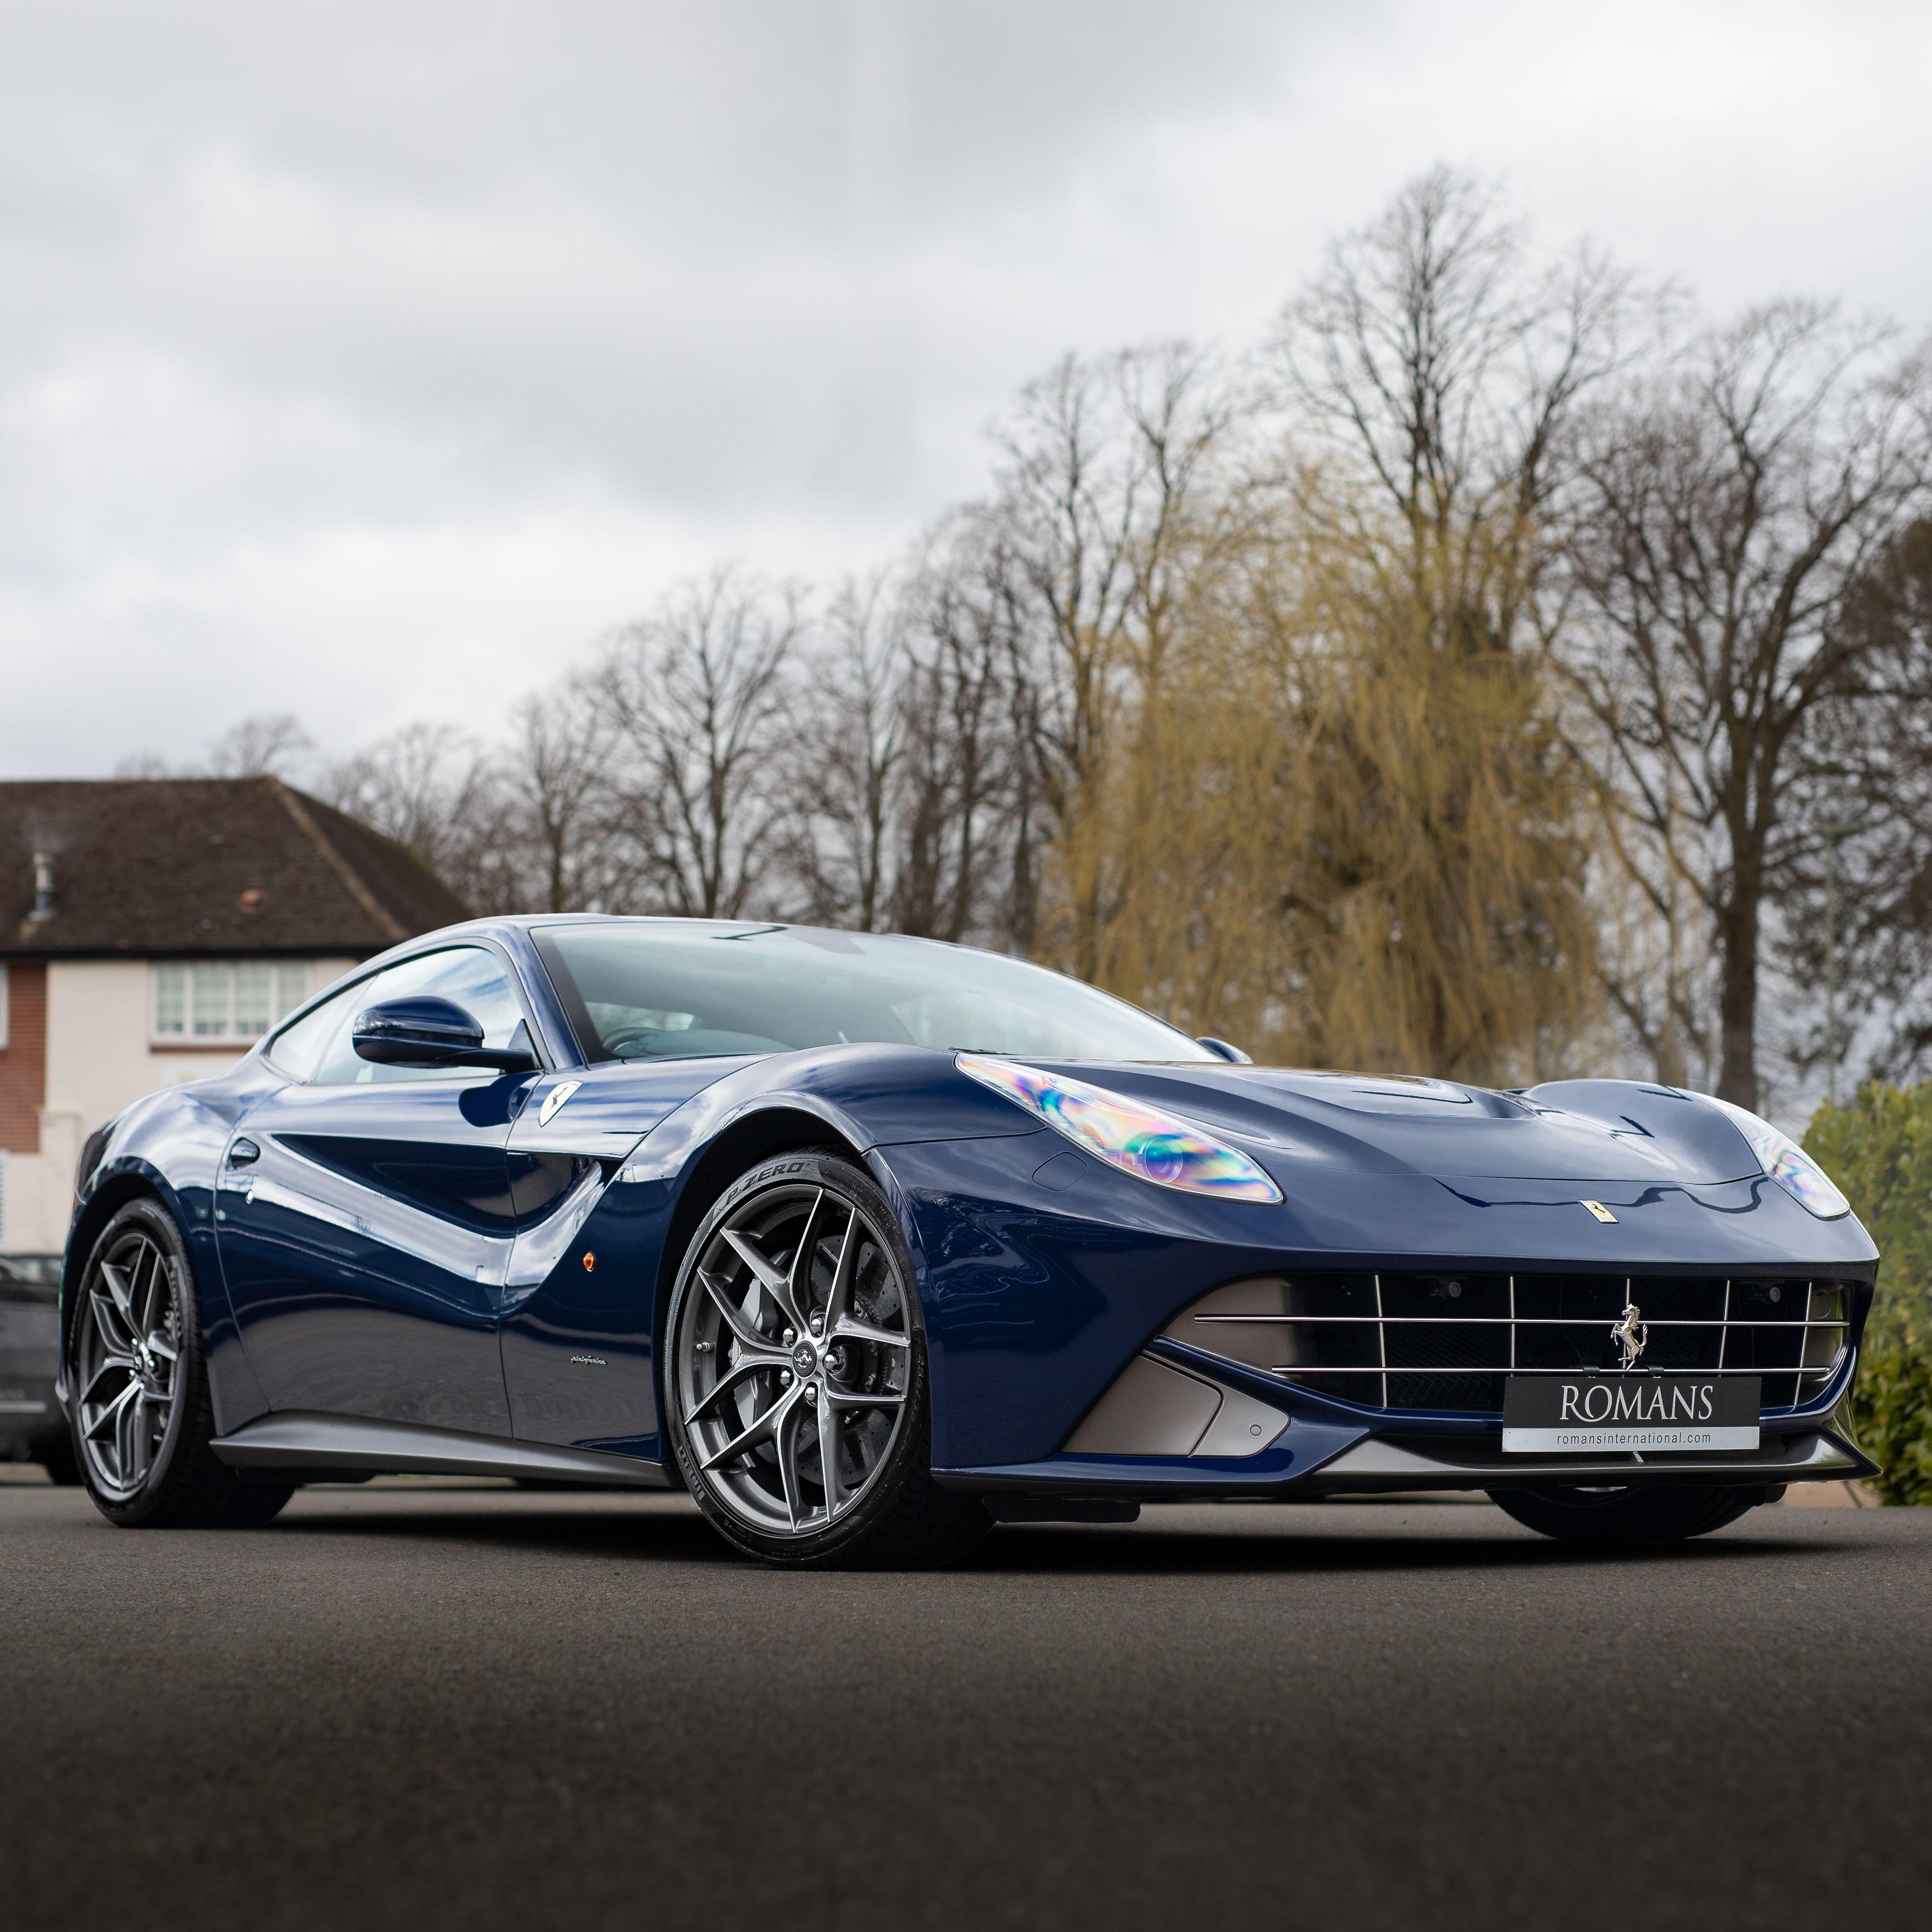 Blu Scozia Ferrari F12 Berlinetta In 2020 Ferrari Ferrari F12 Sports Car Brands